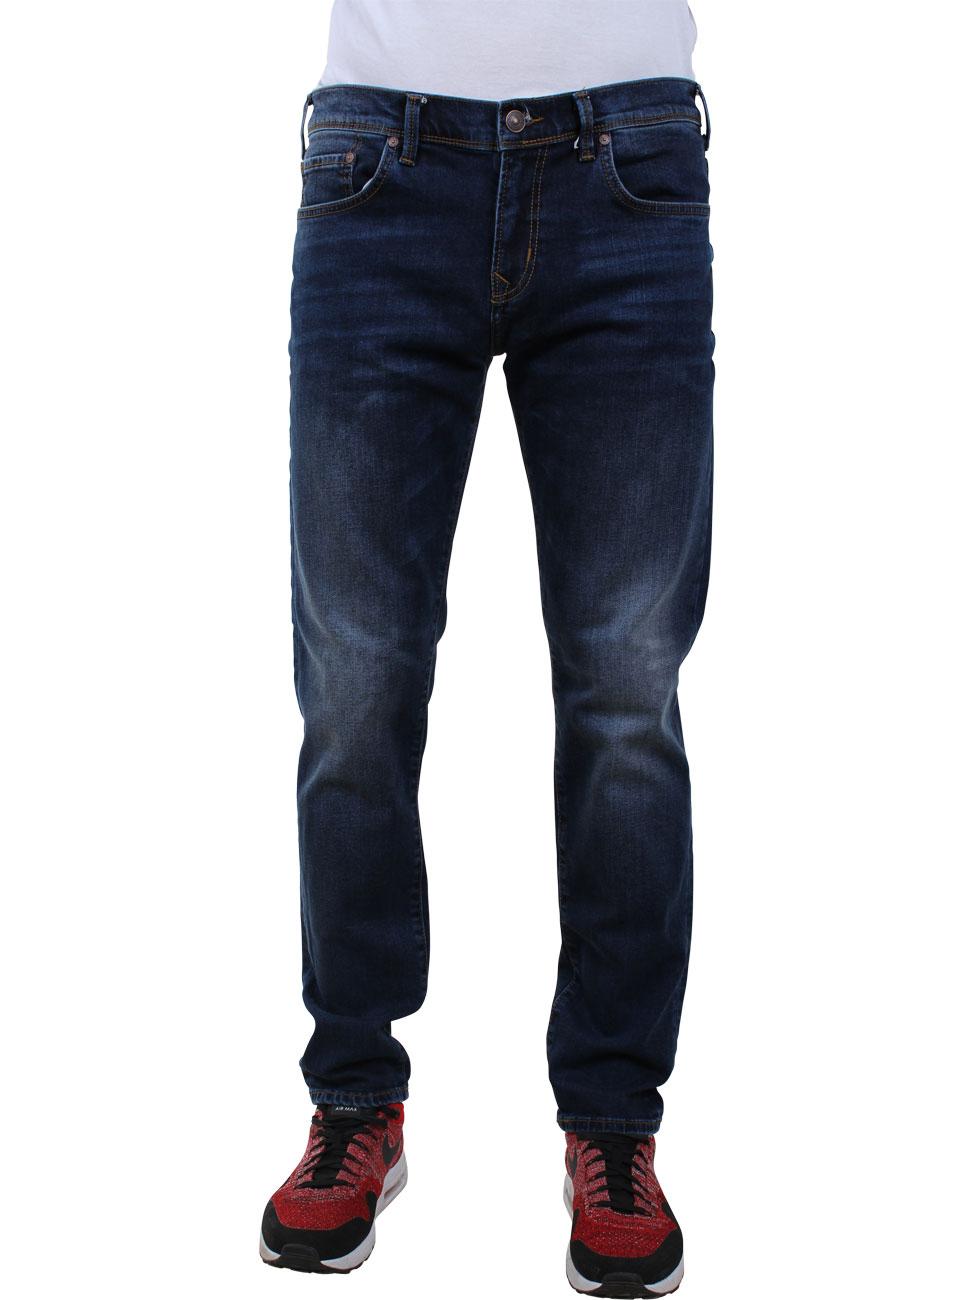 LTB Herren Jeans Diego Slim Tapered Fit Blau Hazard Wash